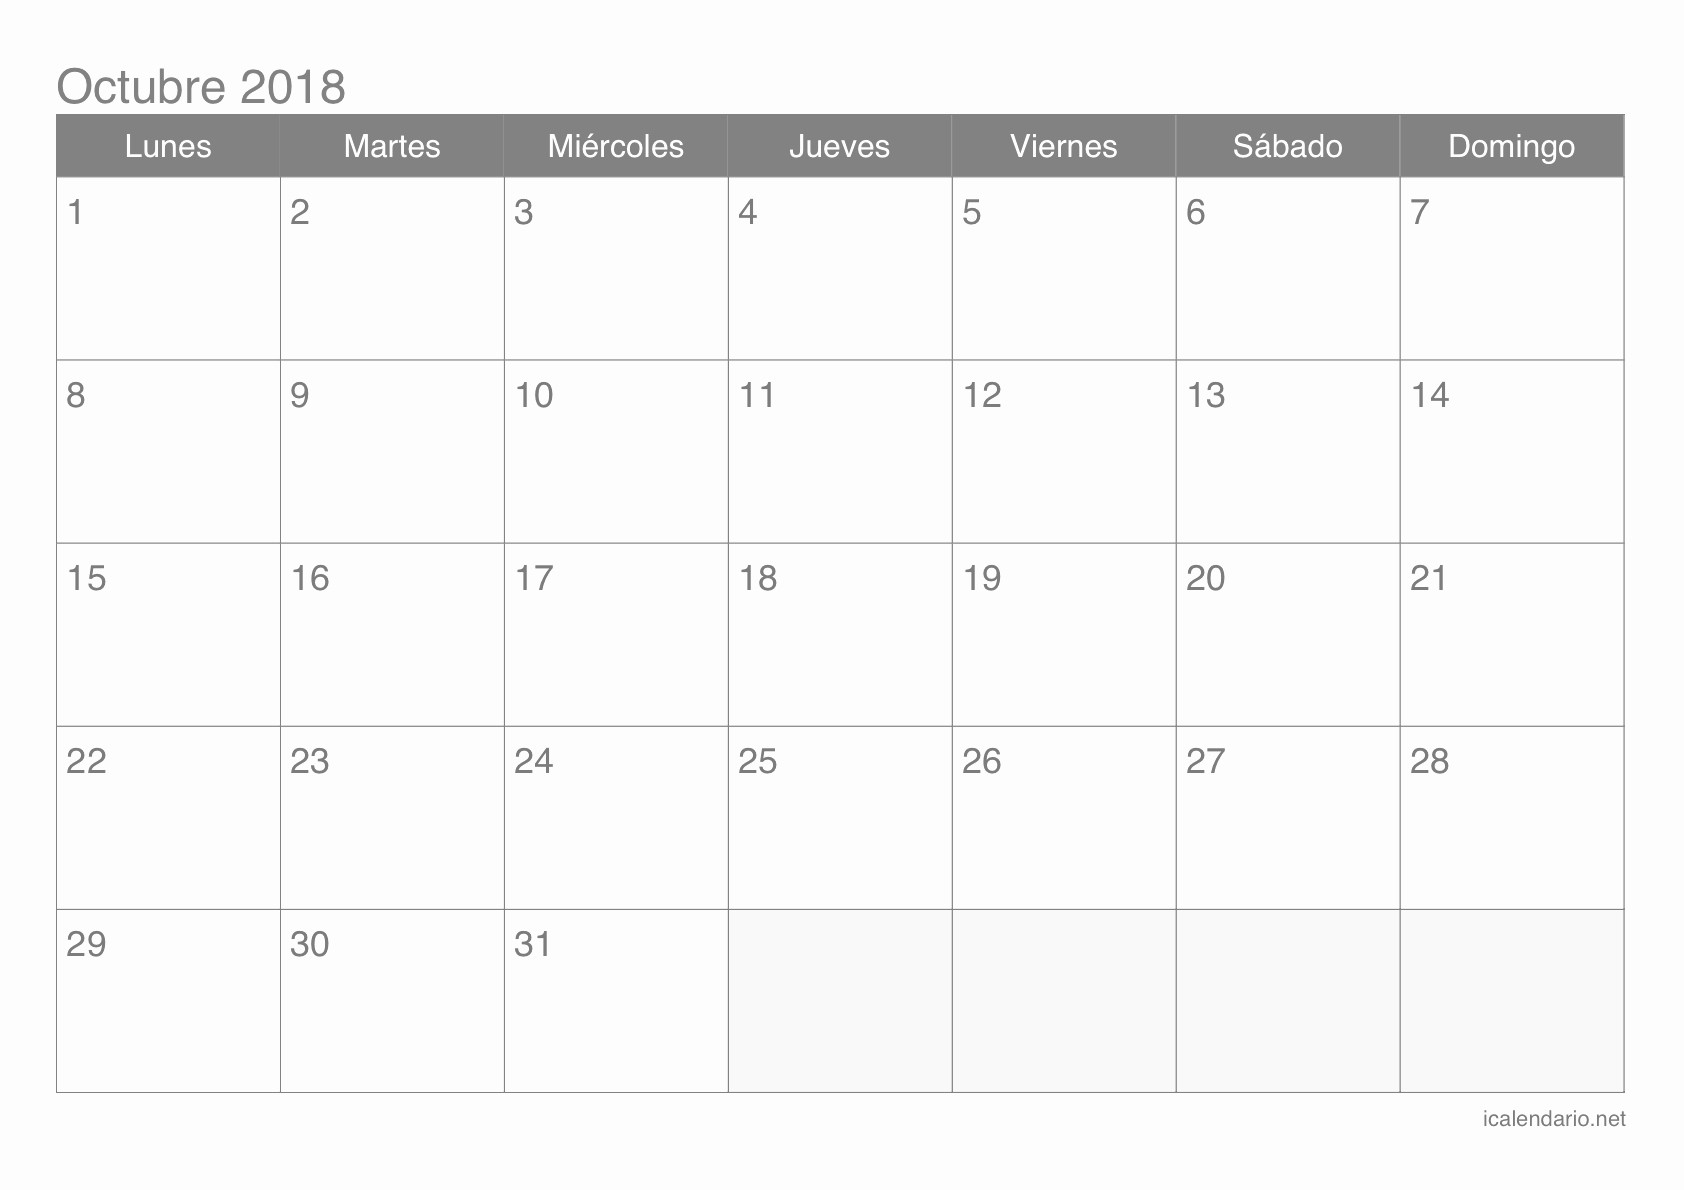 puente octubre calendario 2019 puente octubre calendario 2019 calendario octubre 2018 para imprimir icalendario net